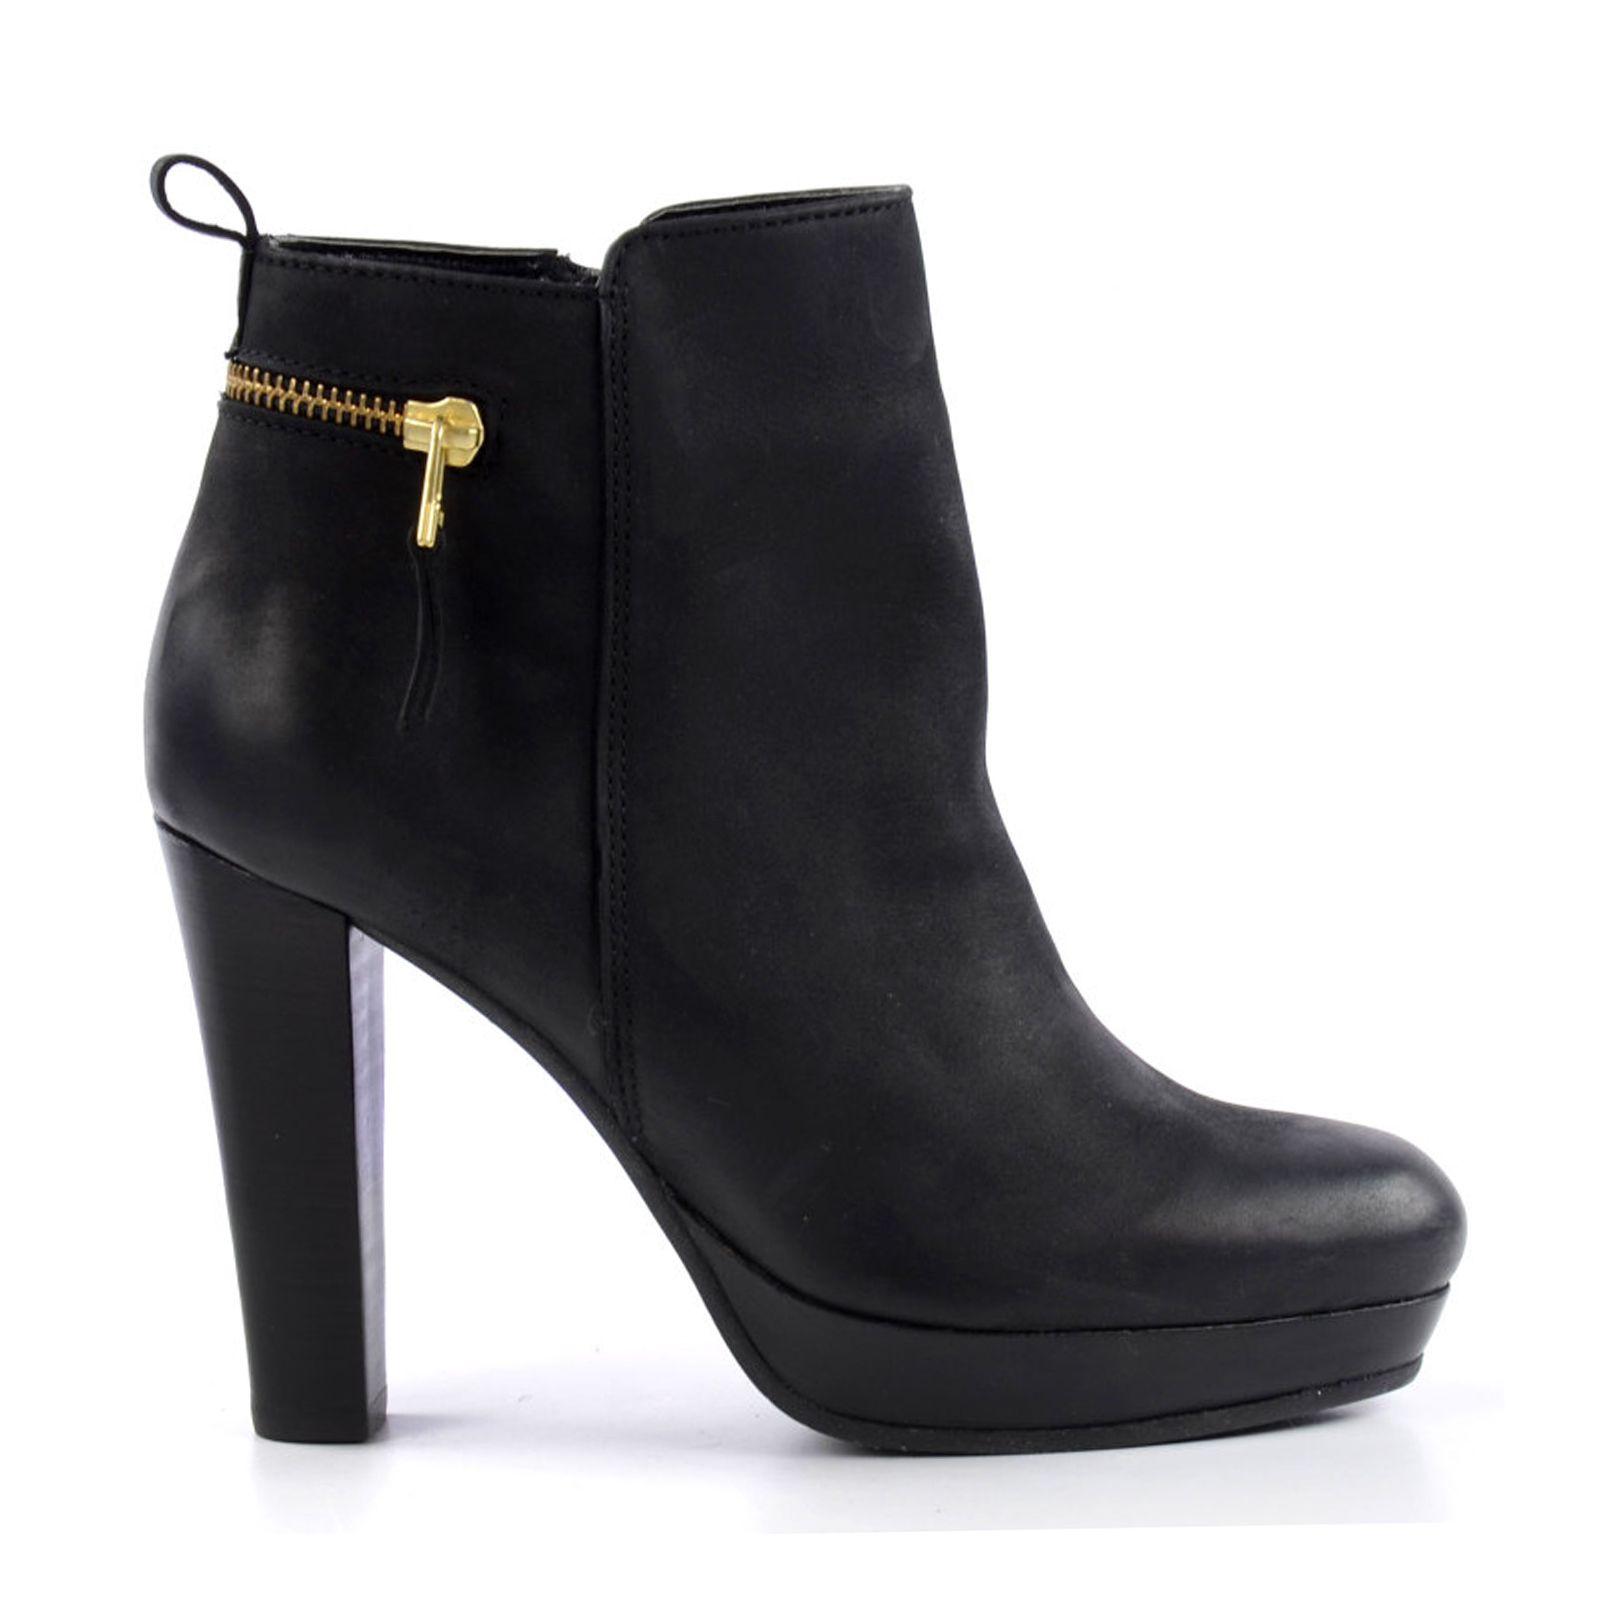 dames schoenen met hak